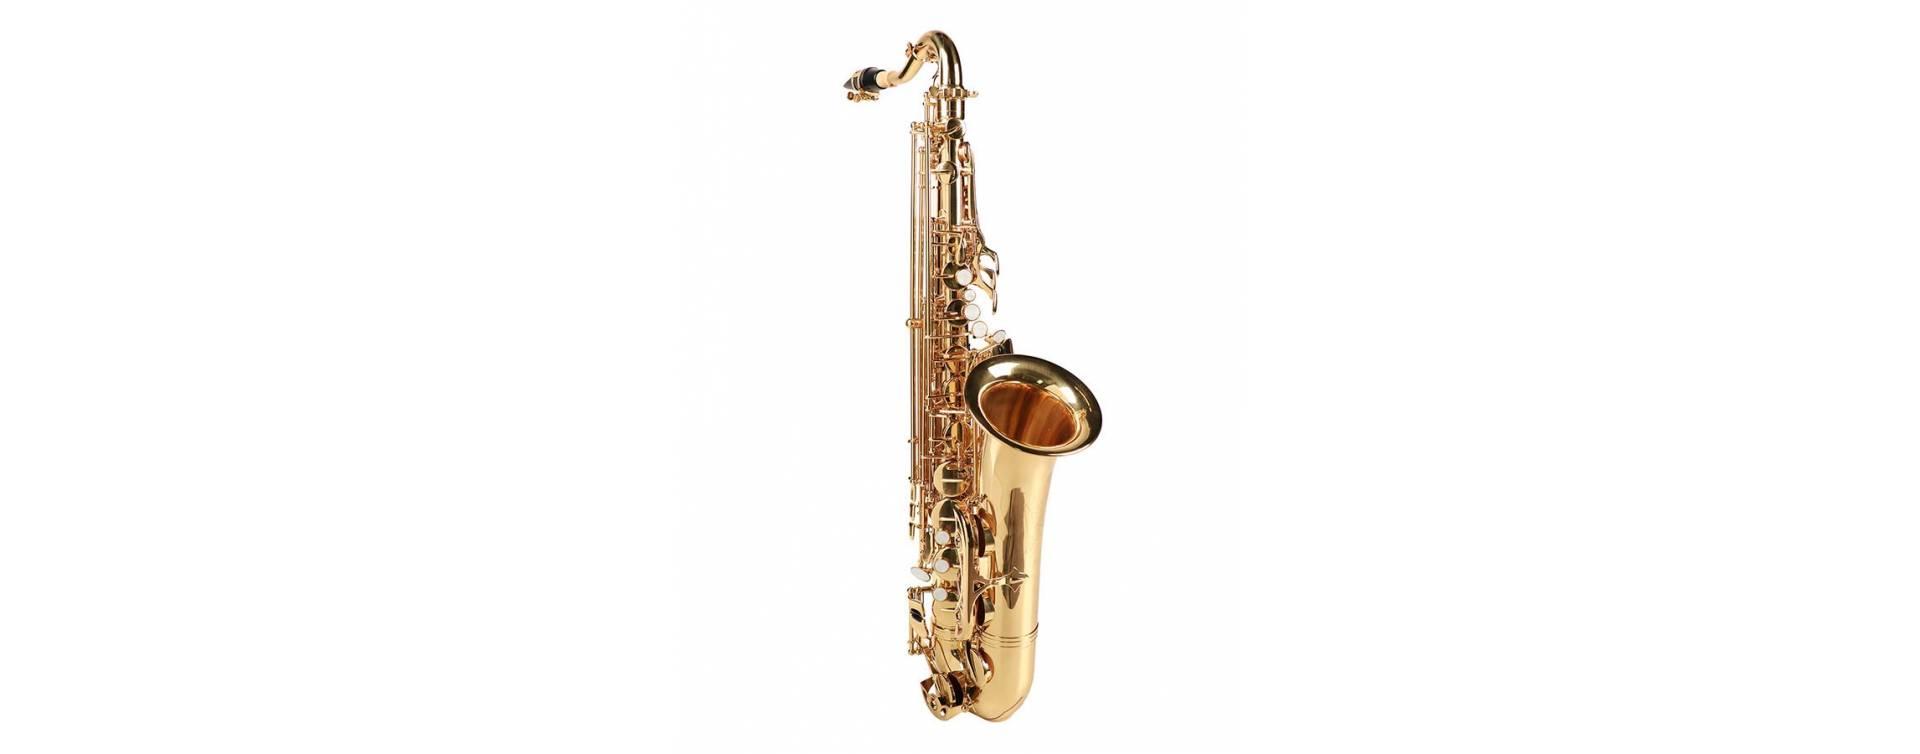 Altové saxofony